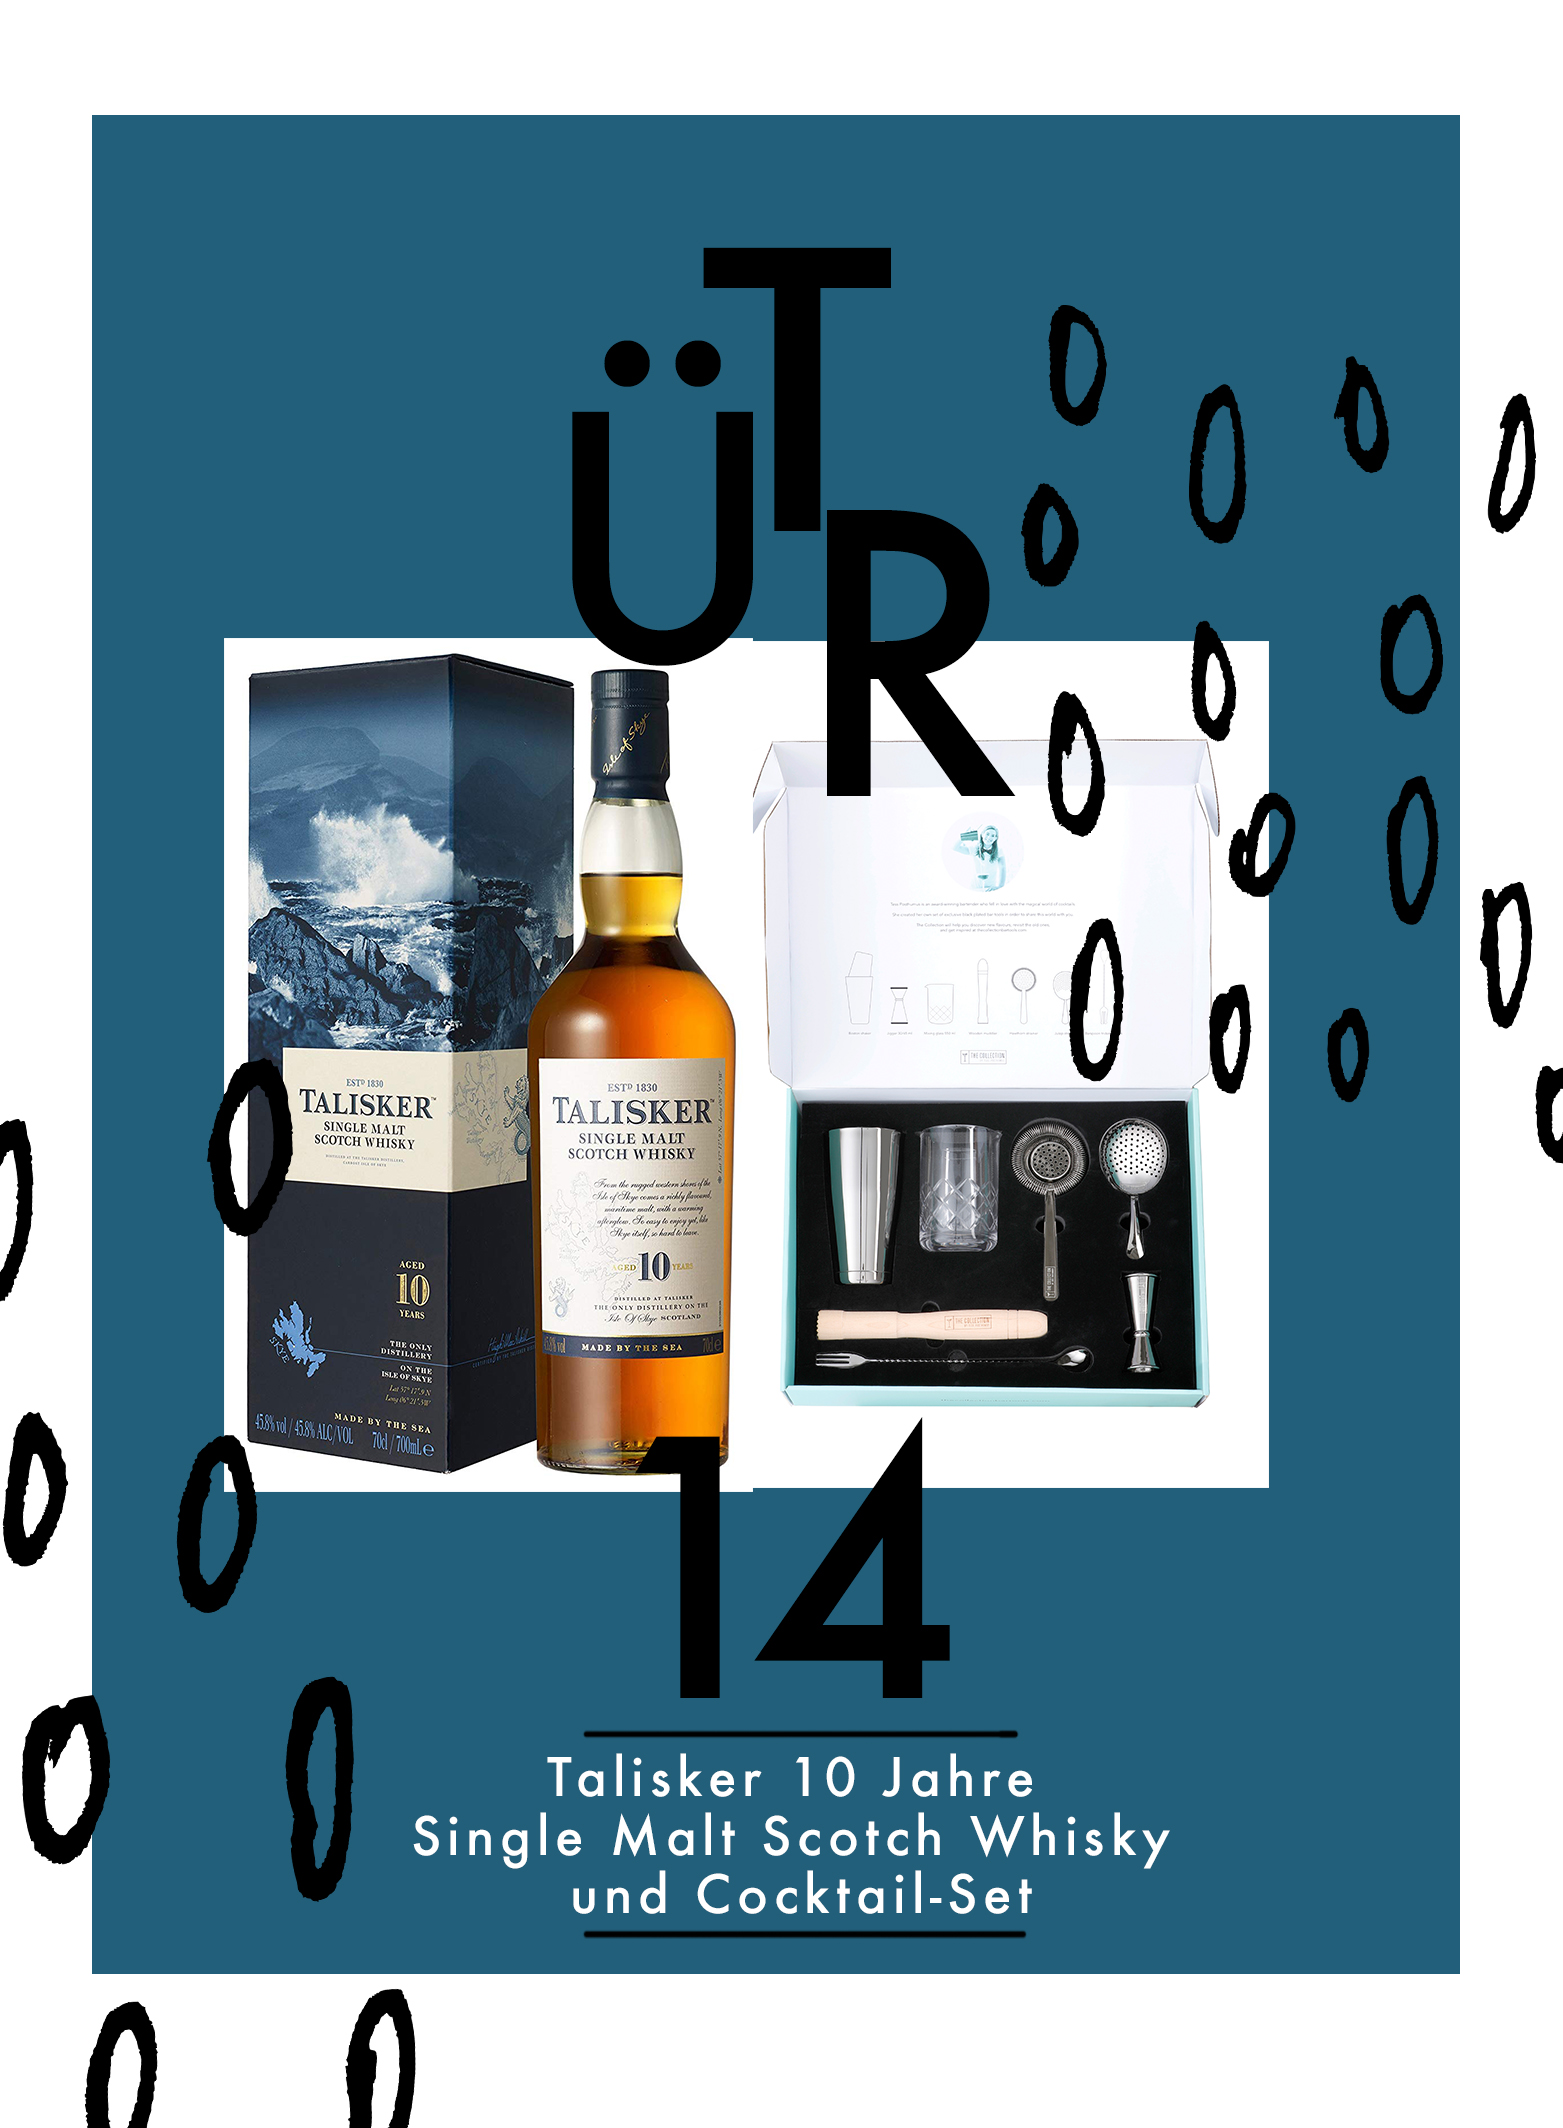 Tür 14: Talisker 10 Jahre Single Malt Scotch Whisky und Cocktail-Set